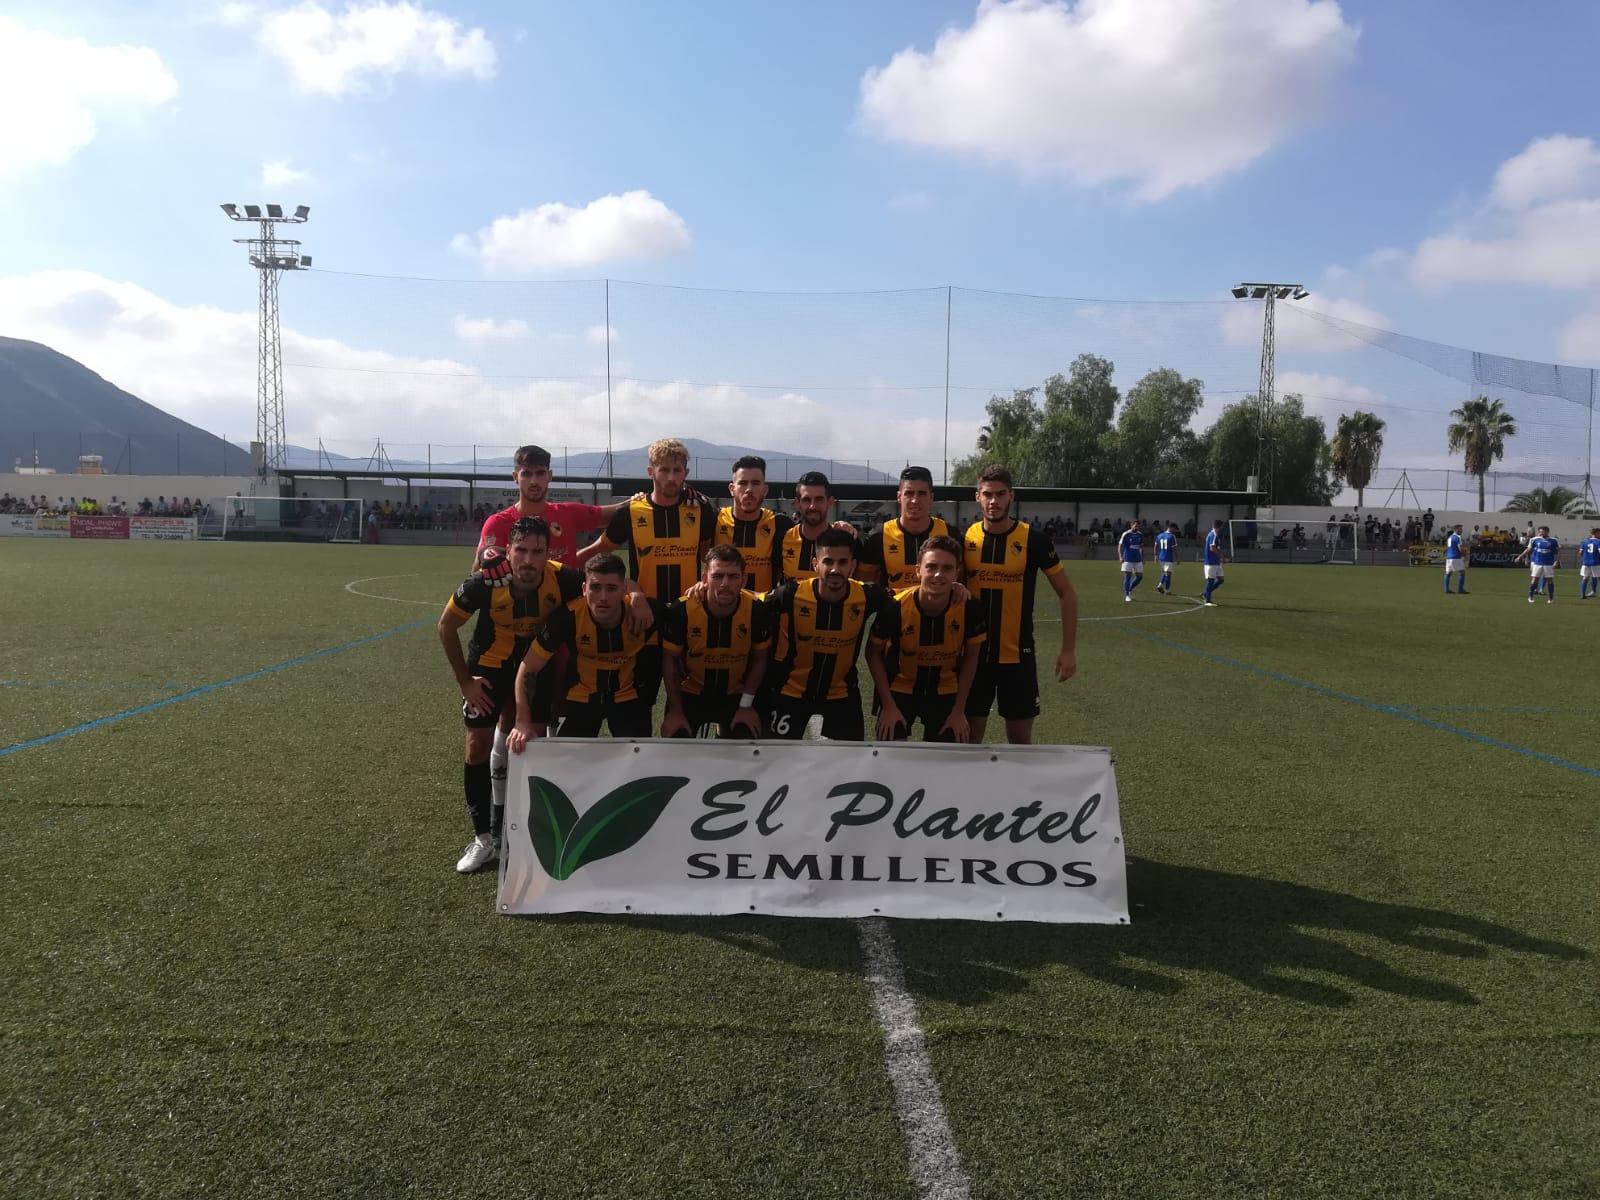 Berja CF y el líder miden su potencial en el estadio de Santo Domingo